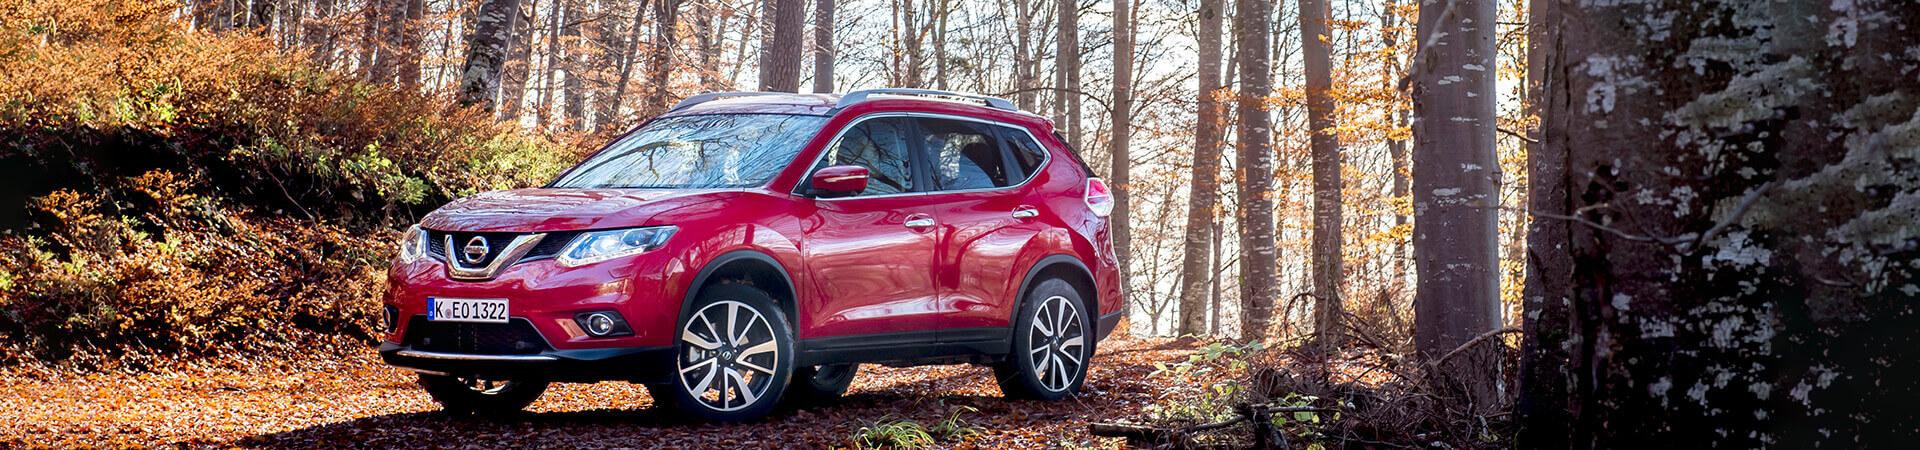 Nissan X-Trail Herbst Wald